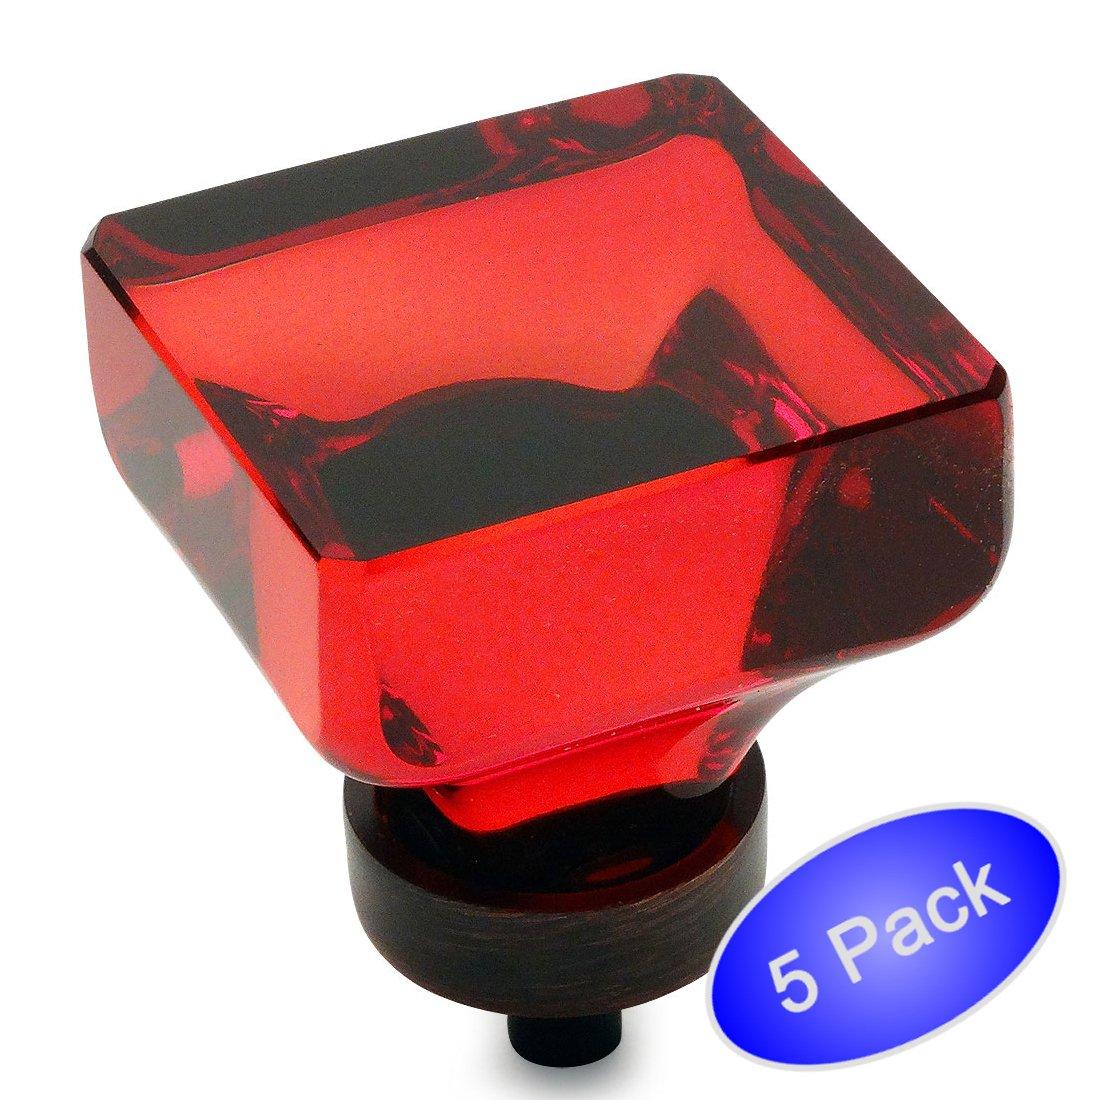 Cosmas 6377orb-rオイルはブロンズキャビネットハードウェアSquareノブwithレッドガラス – 1 – 3 / 8